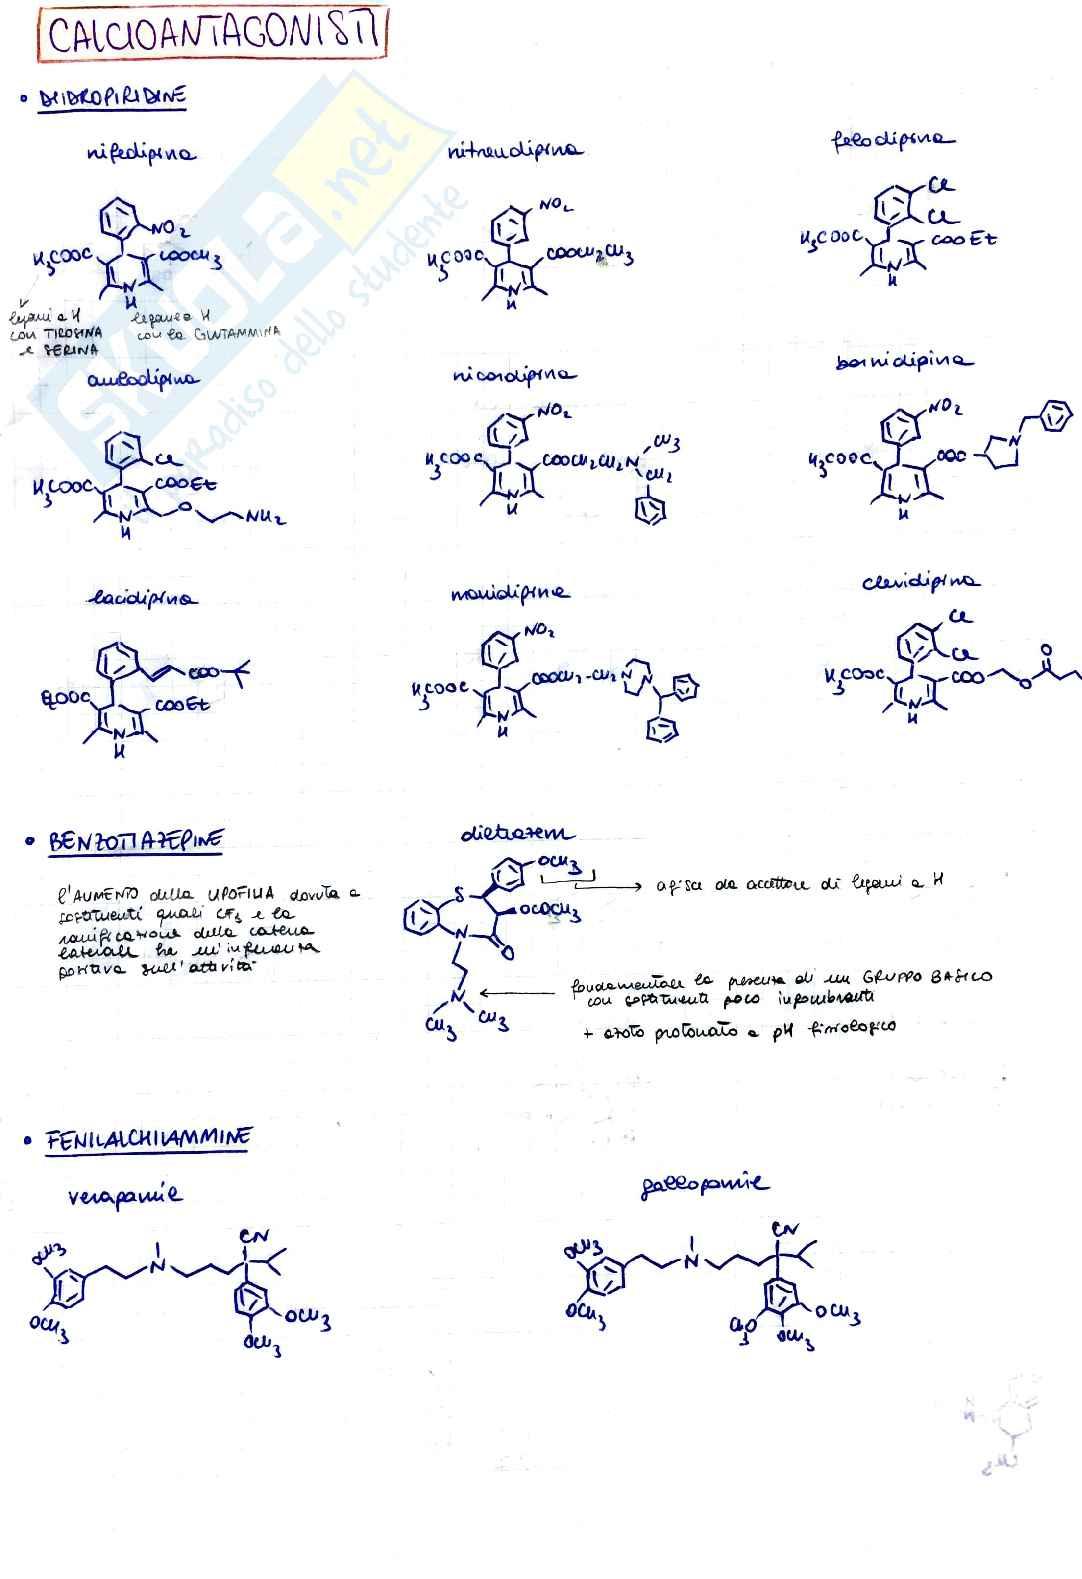 Strutture chimiche e sintesi chimica farmaceutica e tossicologica II - modulo 2